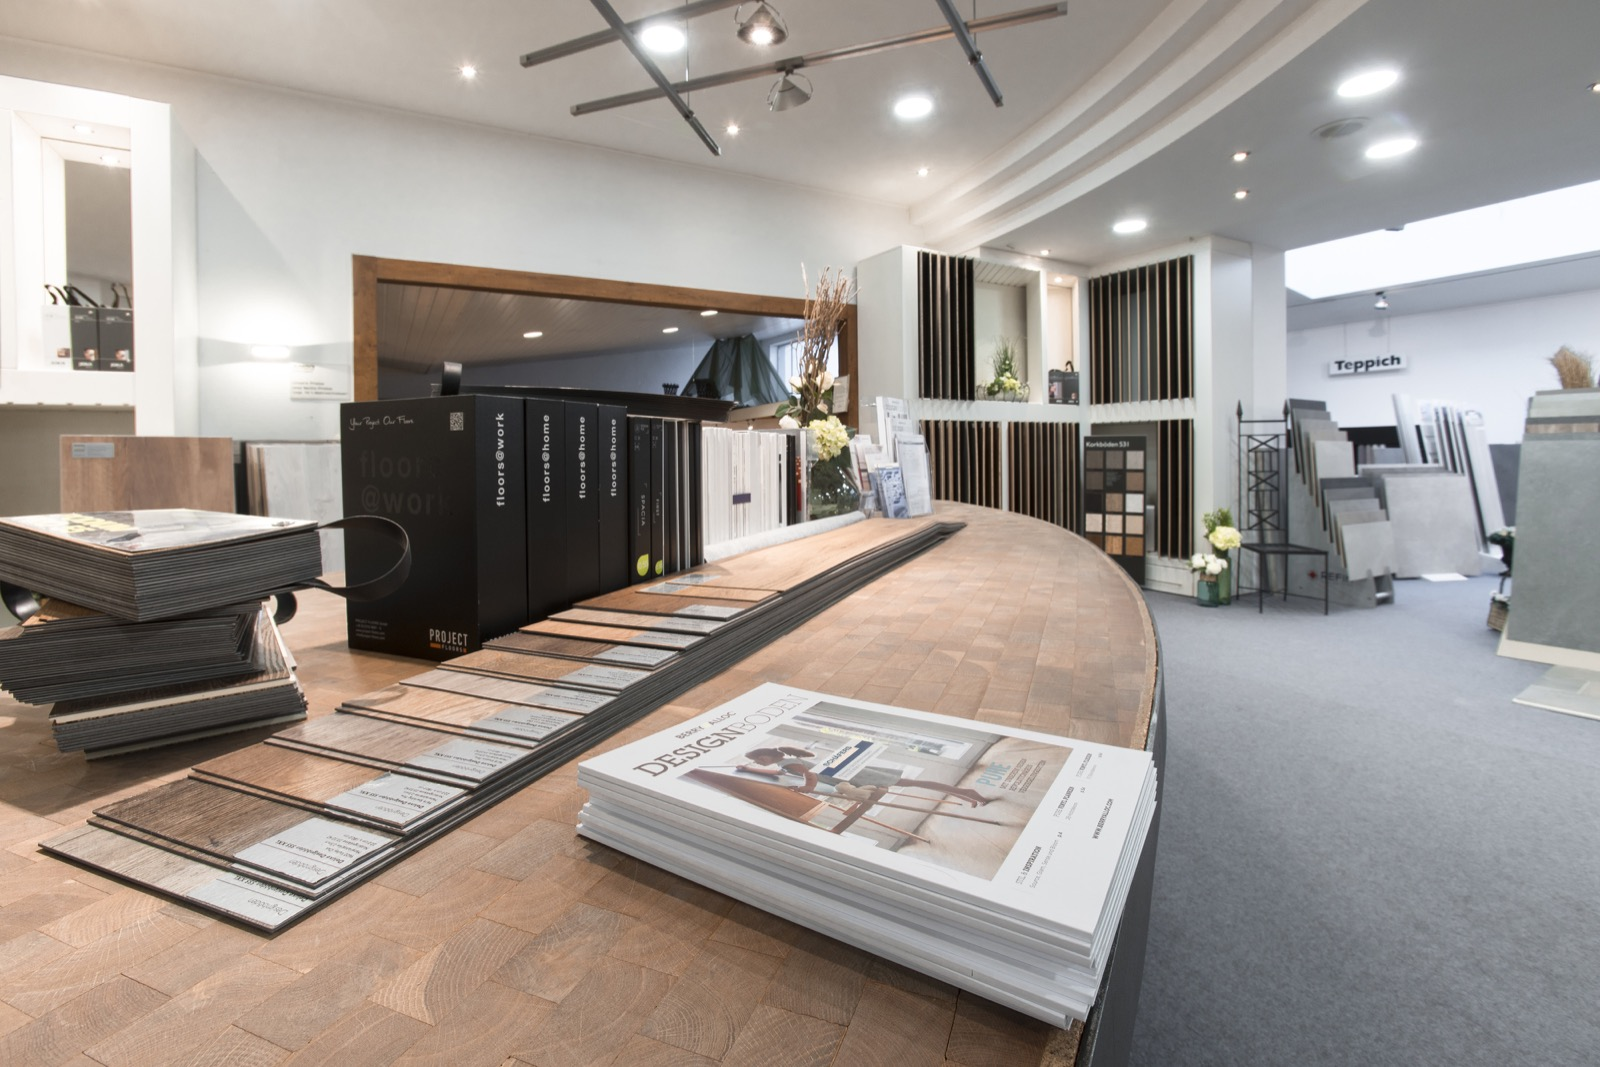 Fußboden Verlegen Hanau ~ Fußboden kaufen sie vielfalt und qualität schäfers fußboden